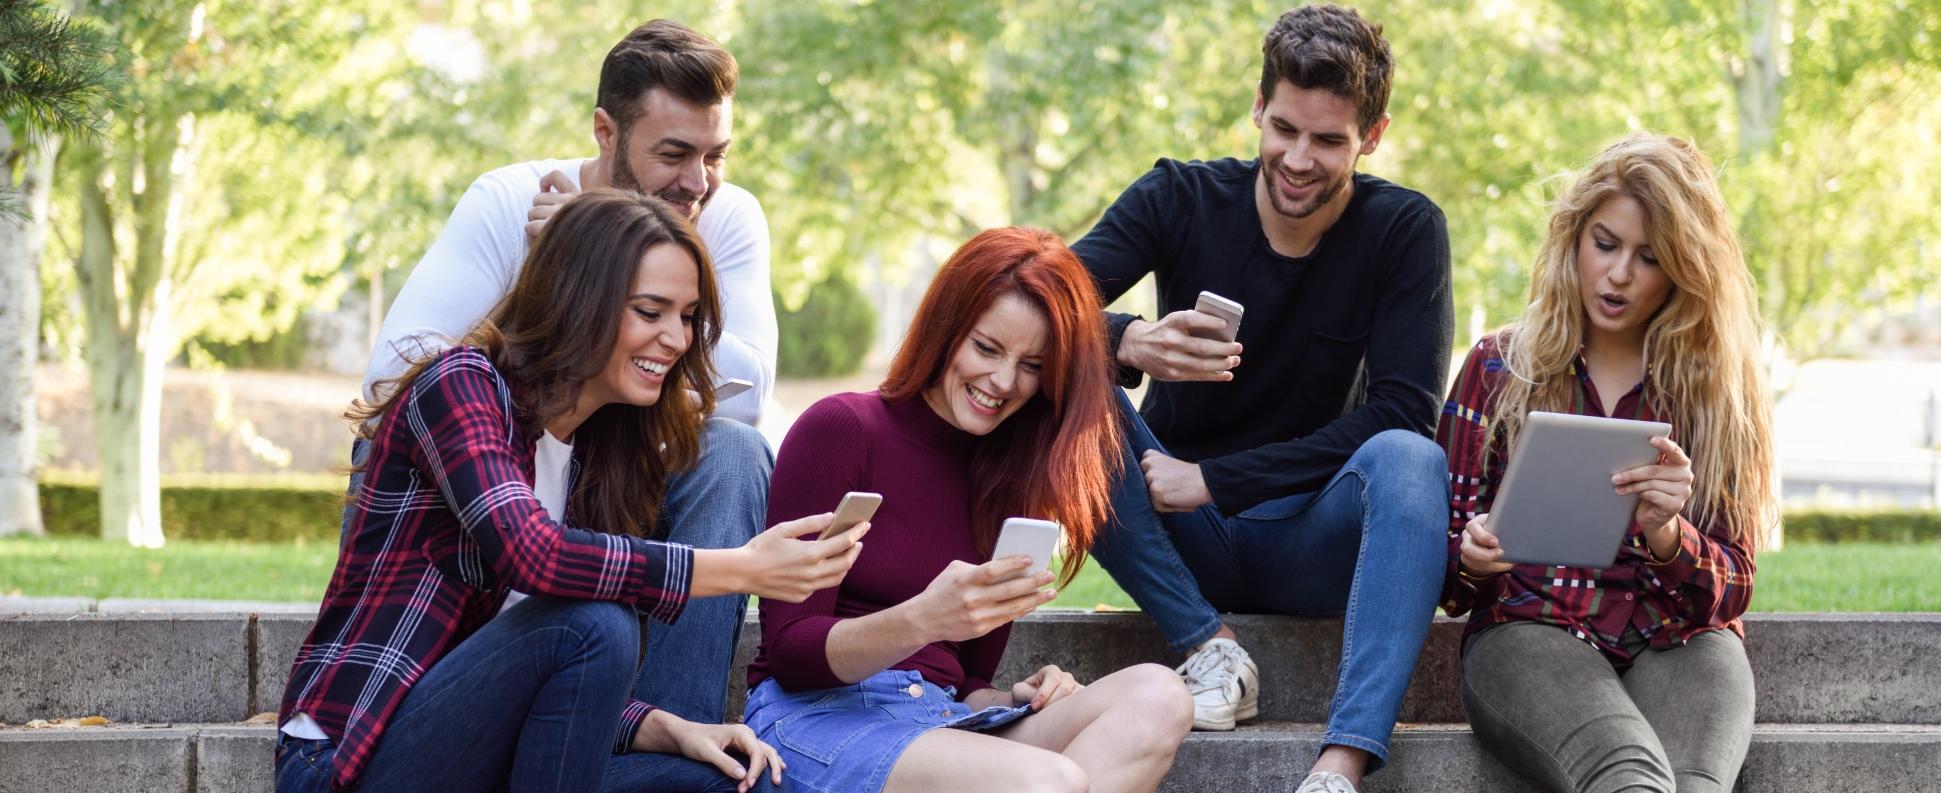 Egy új magyar startup online piactéren segíti a diákok alkalmi munkavállalását